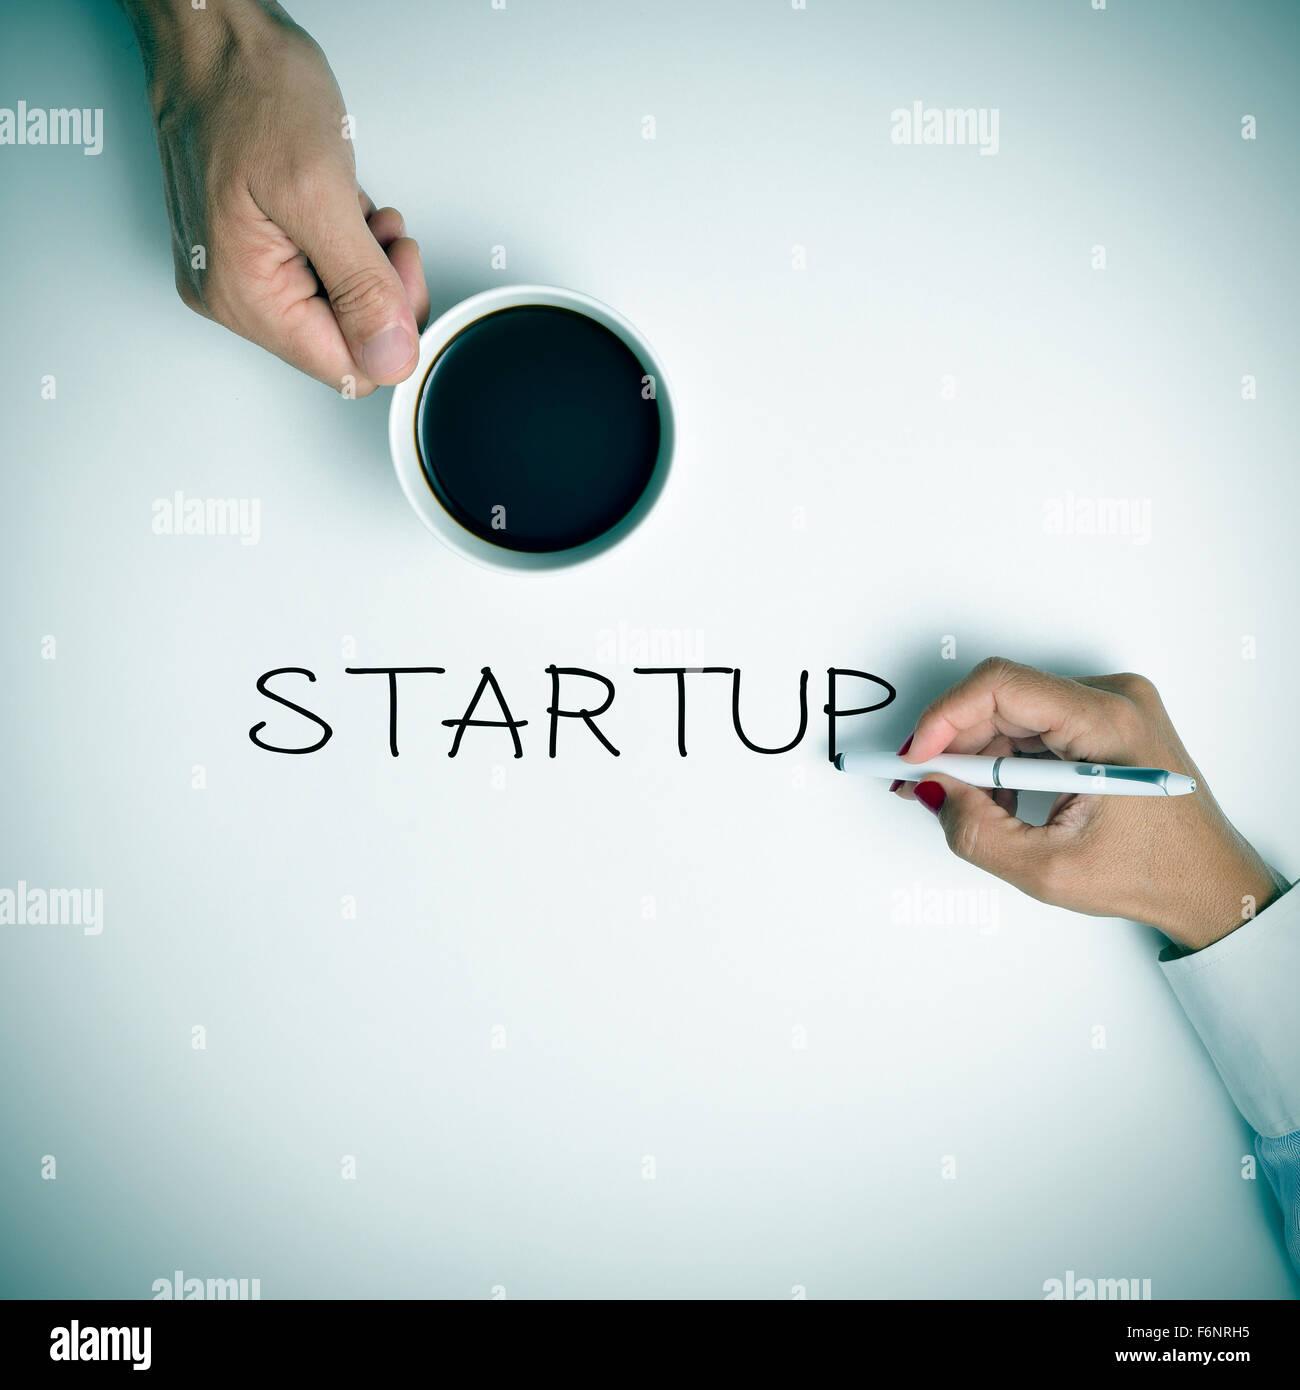 Disparo de alto ángulo de un hombre joven con una taza de café y una joven mujer escribiendo el texto Imagen De Stock